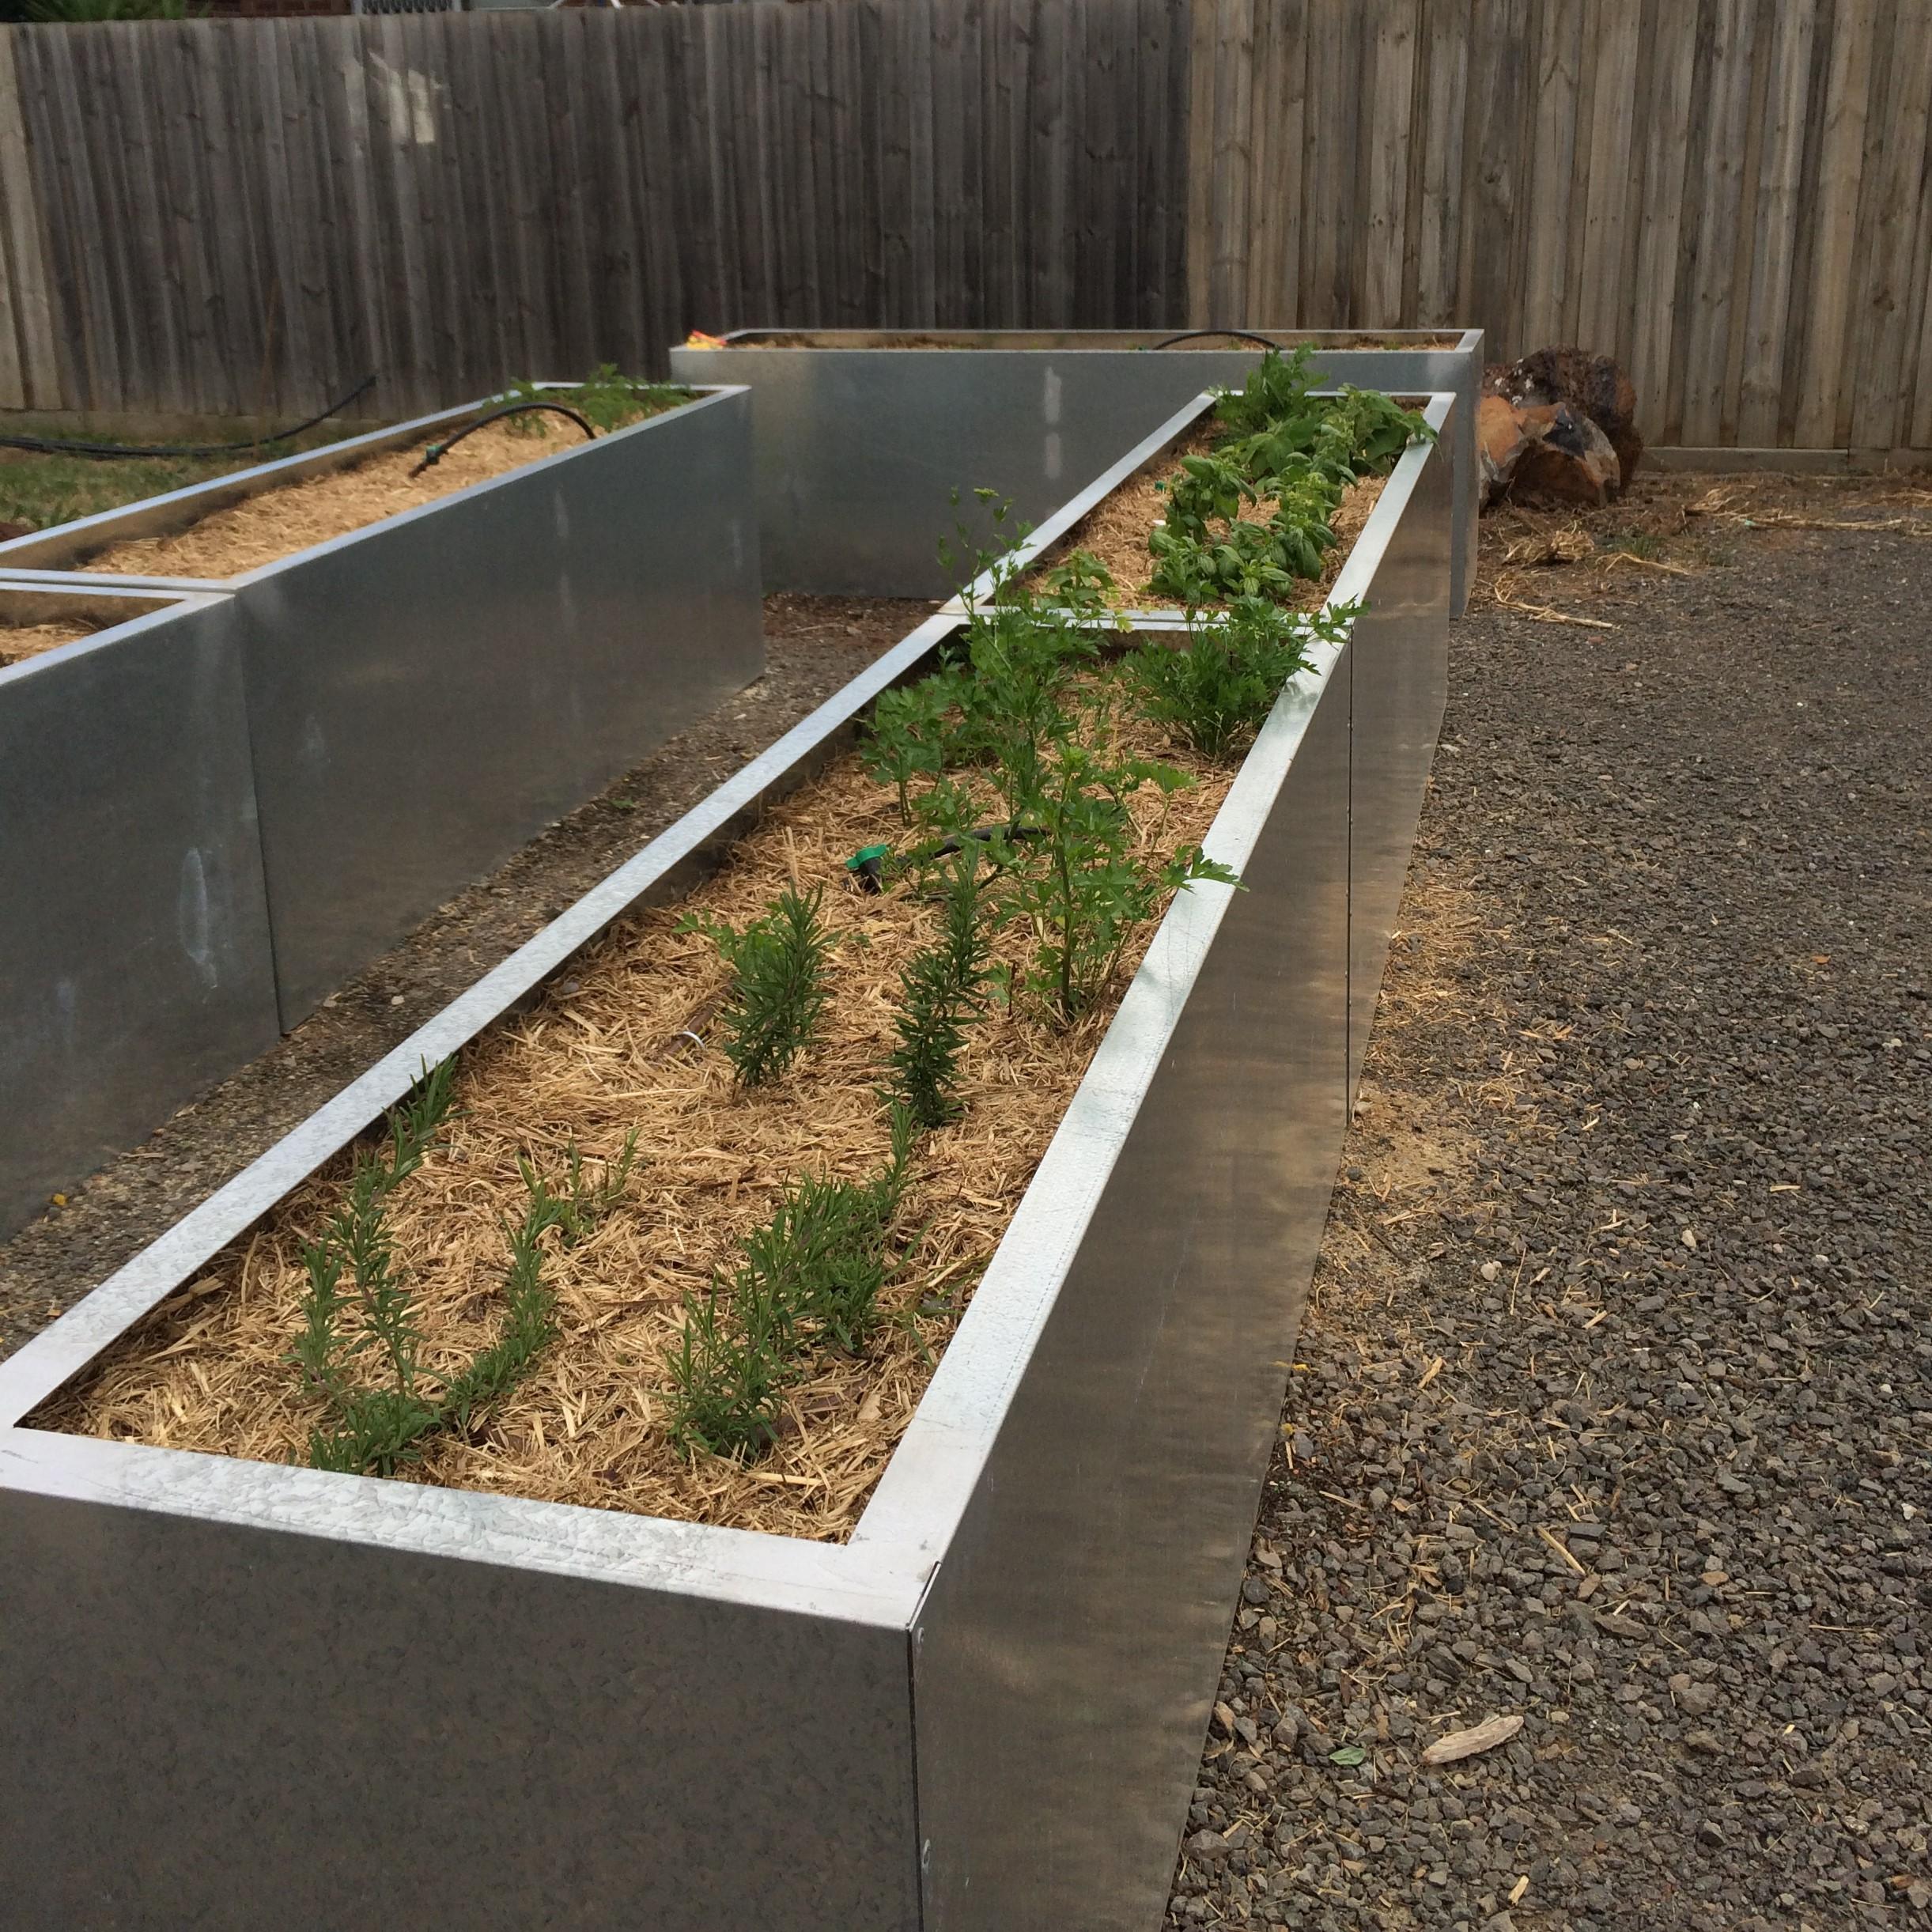 Portable veggie garden beds